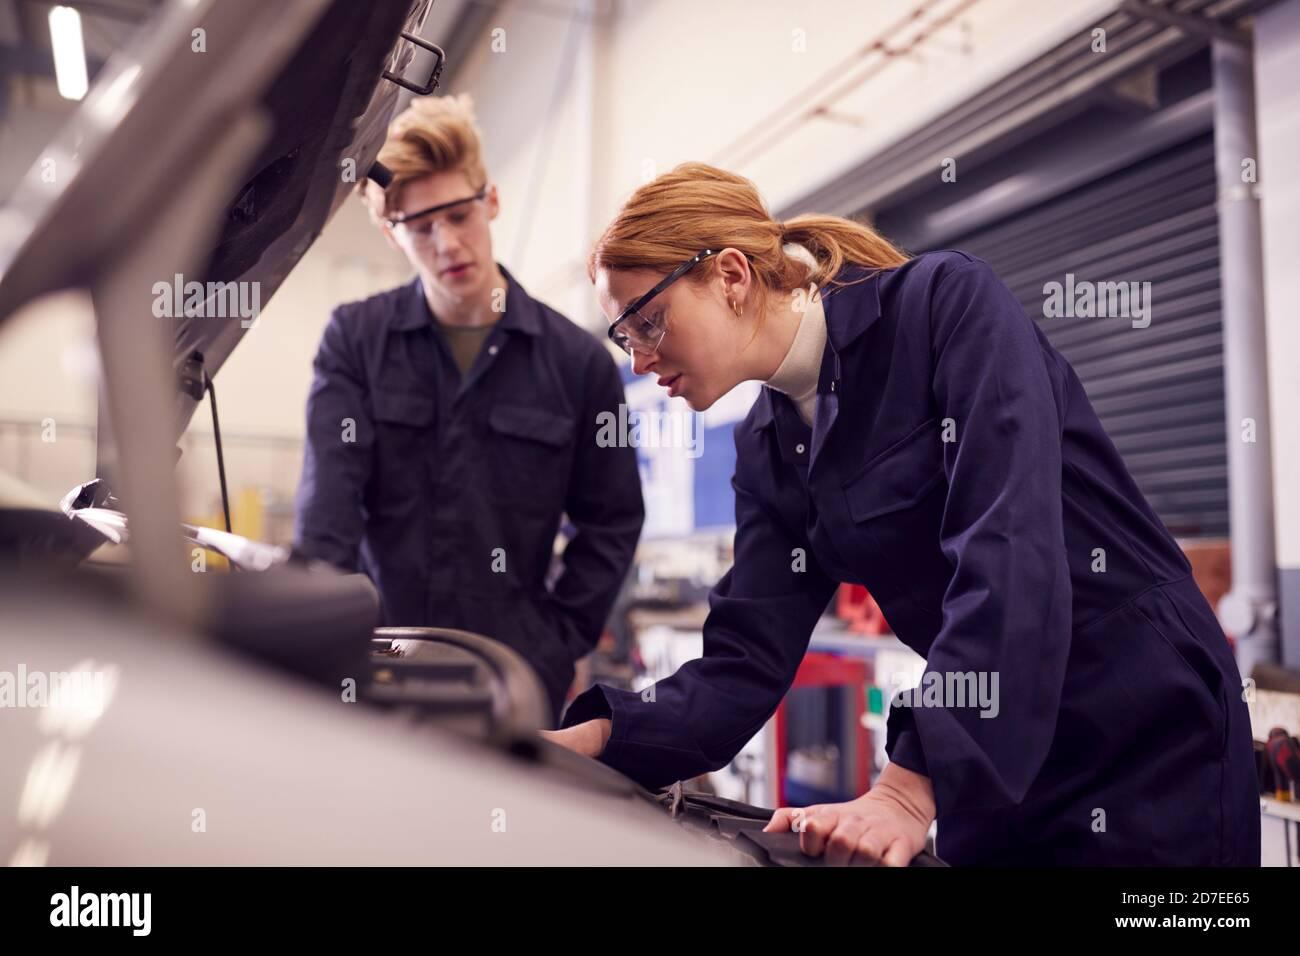 Étudiants hommes et femmes regardant le moteur de voiture sur Auto Cours d'apprentissage de mécanicien au Collège Banque D'Images